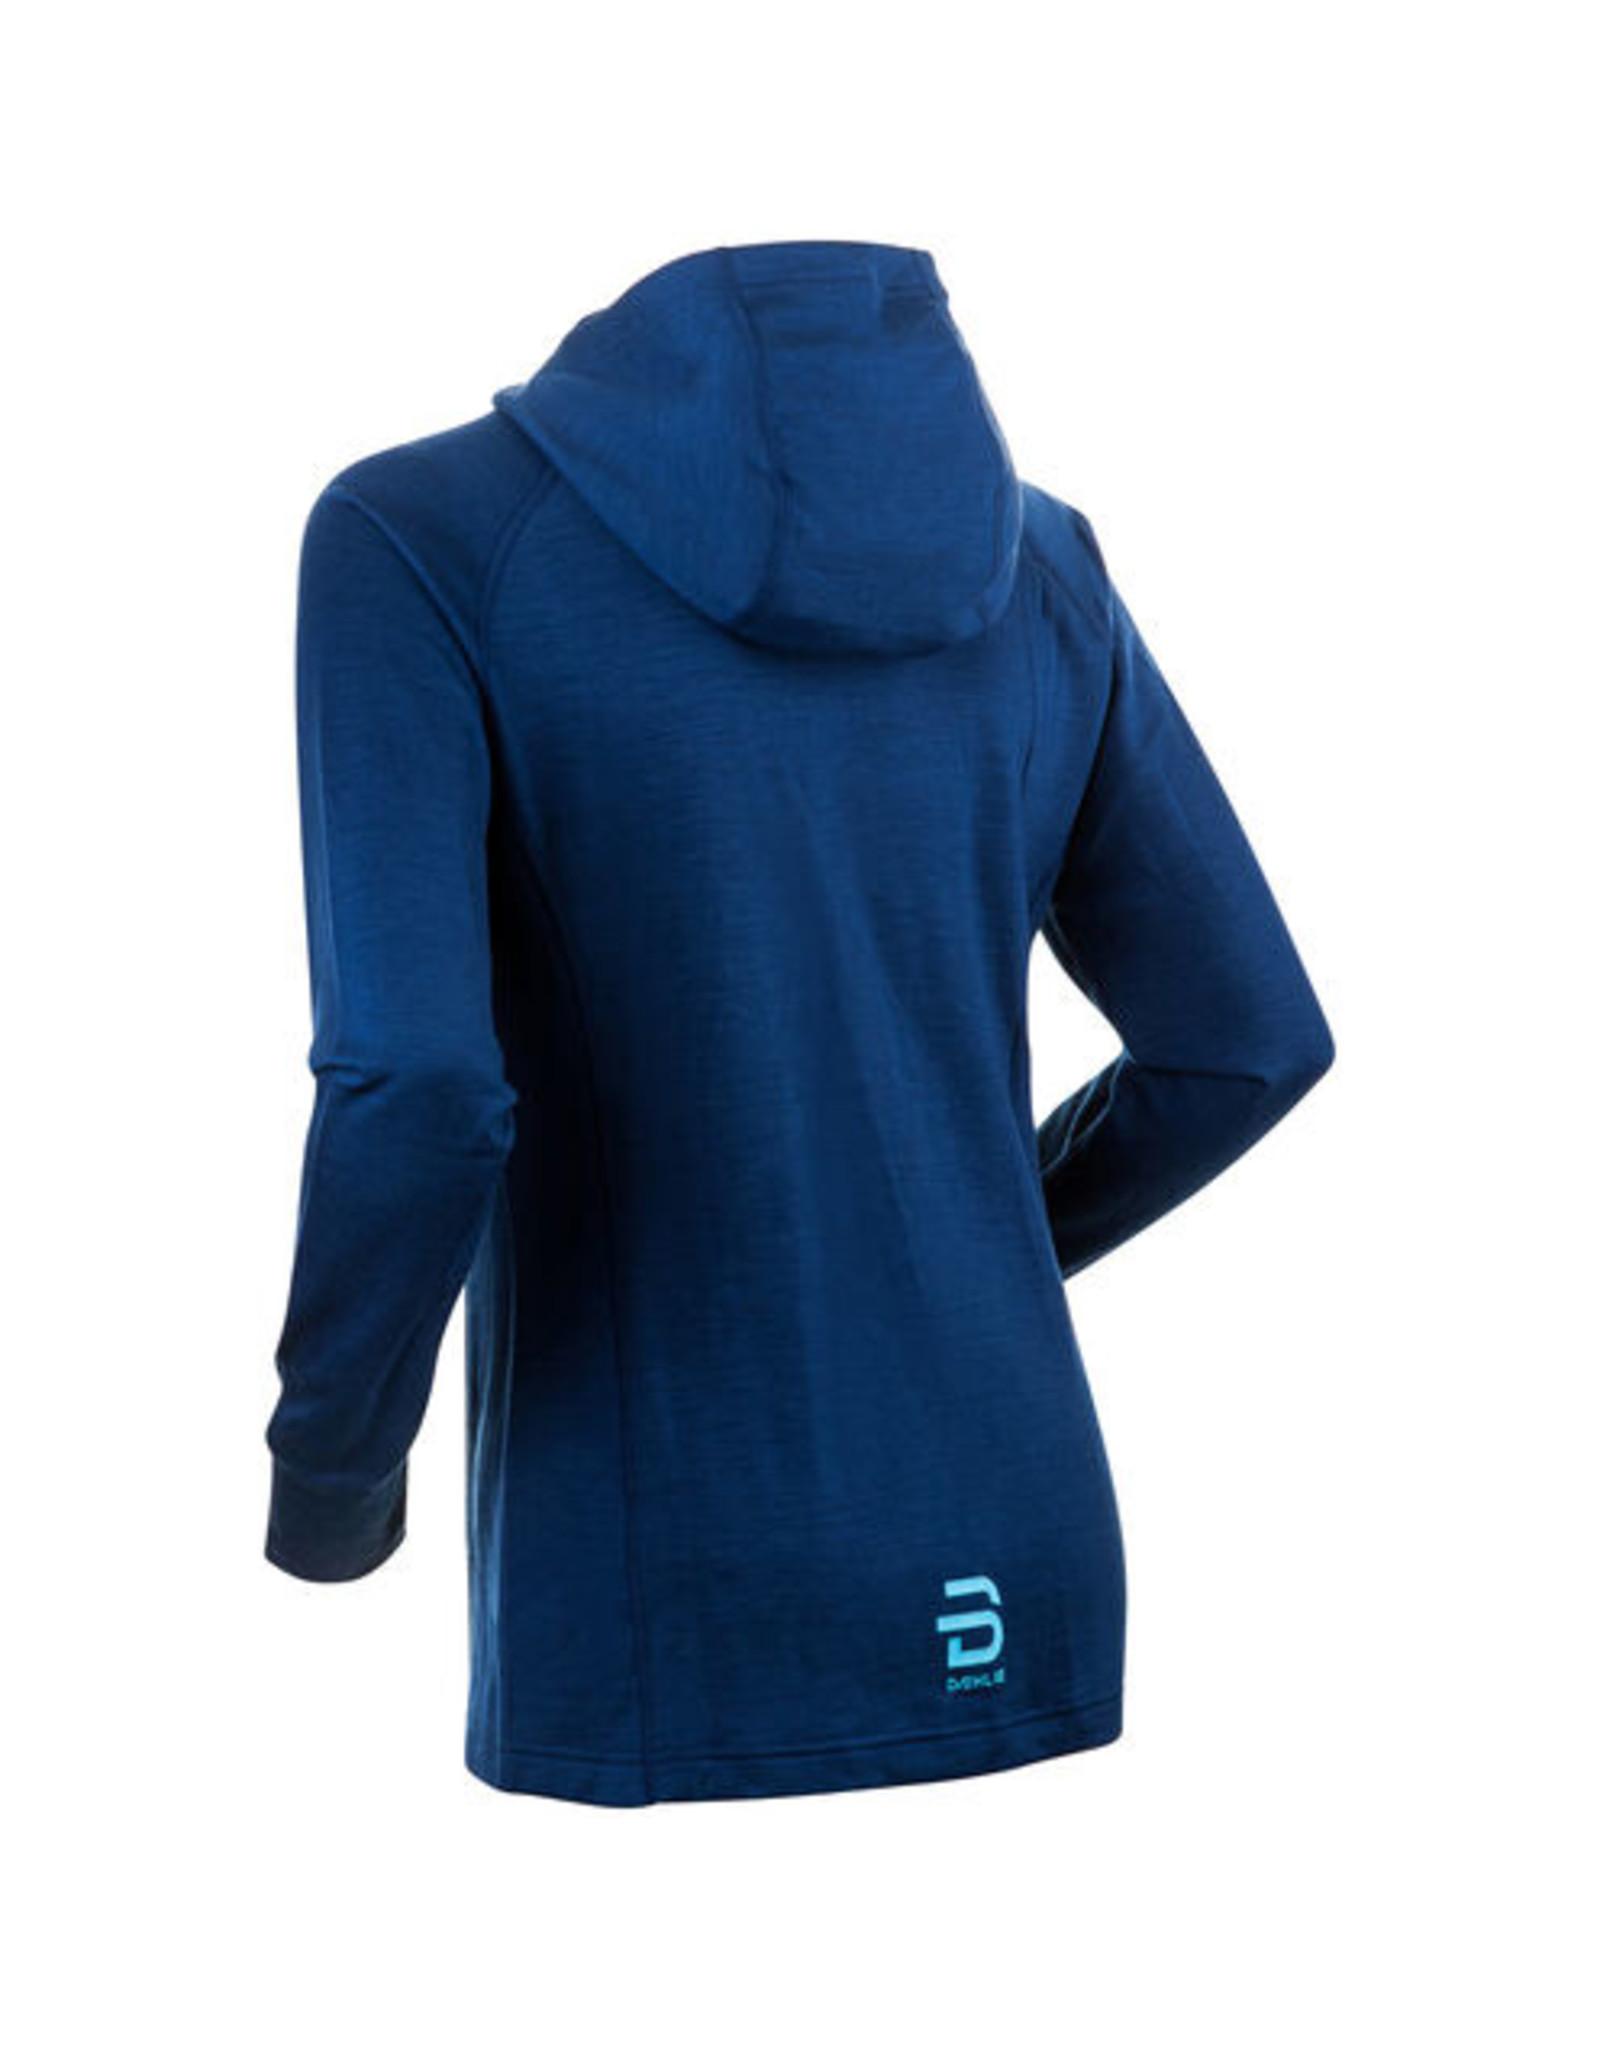 Bjorn Daehlie Women's Wool Full Zip